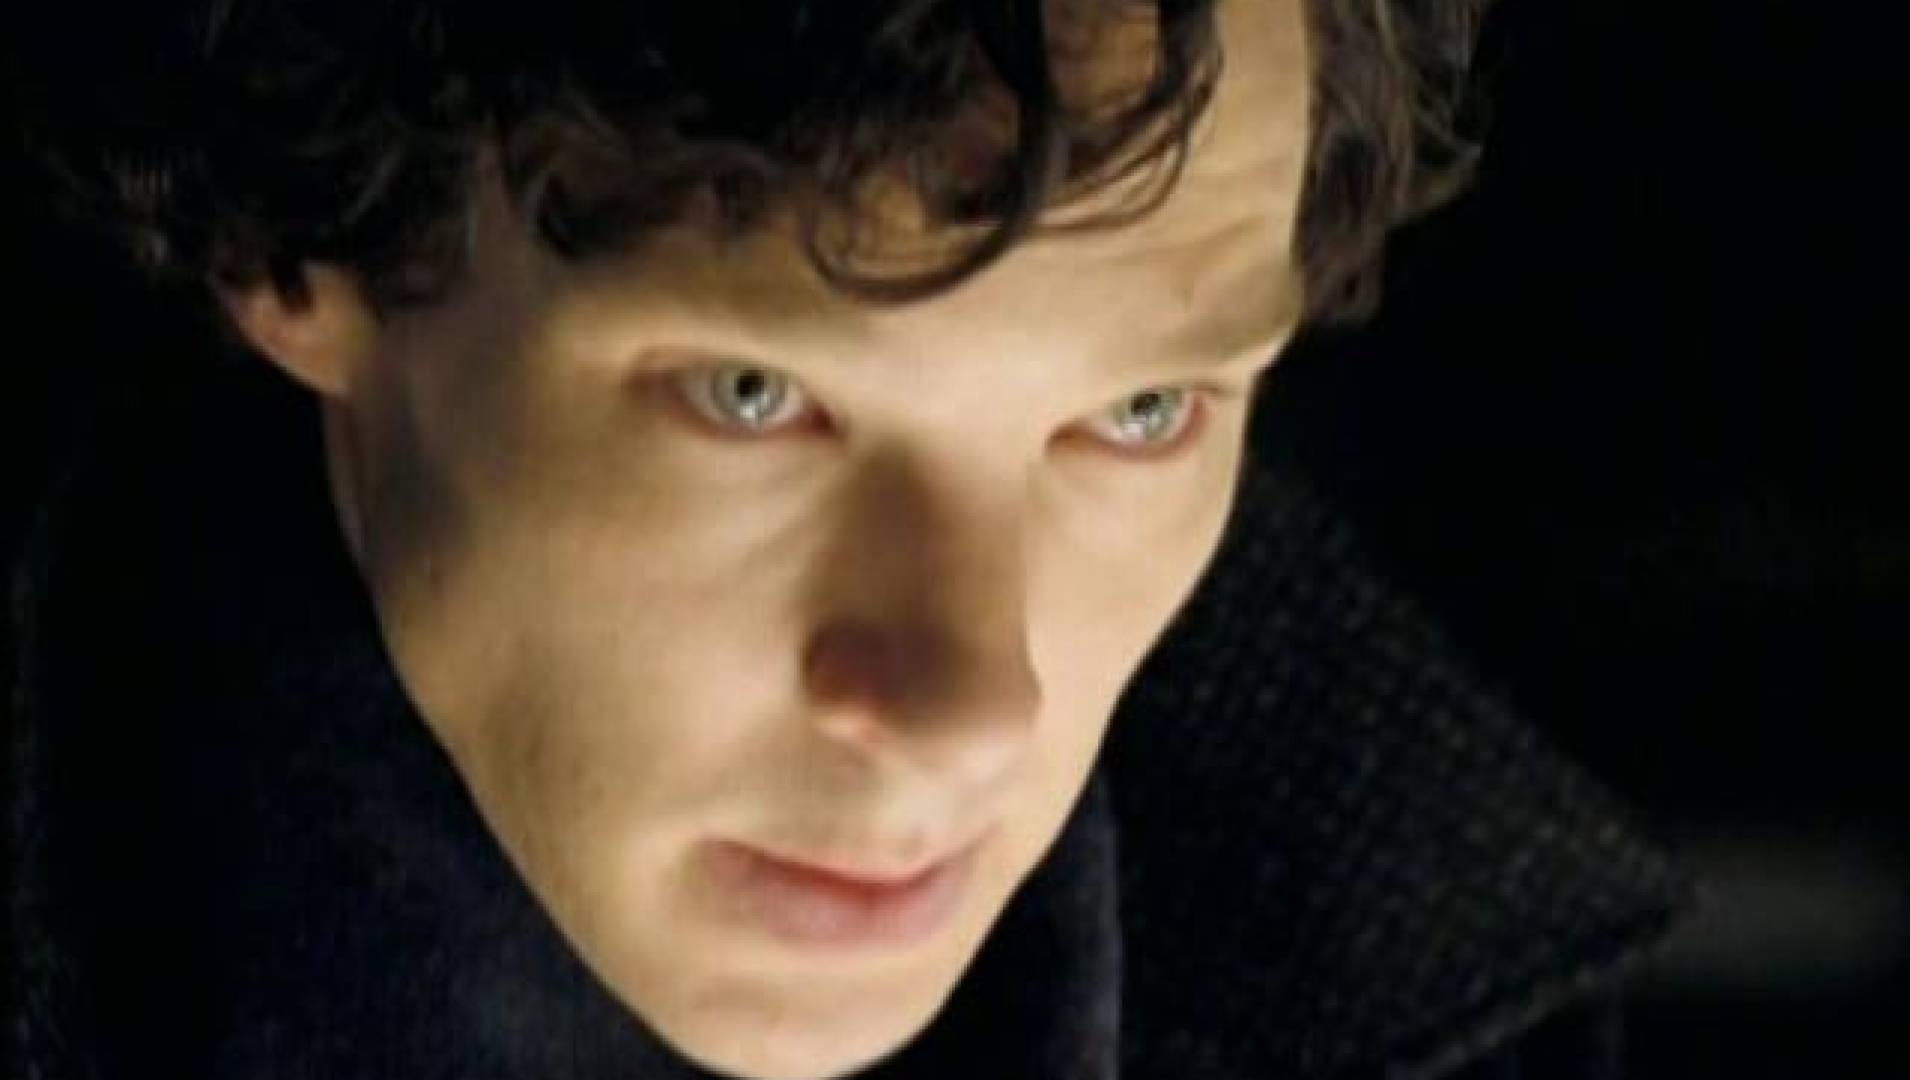 Шерлок Холмс: Слепой банкир - Детектив, Фильм